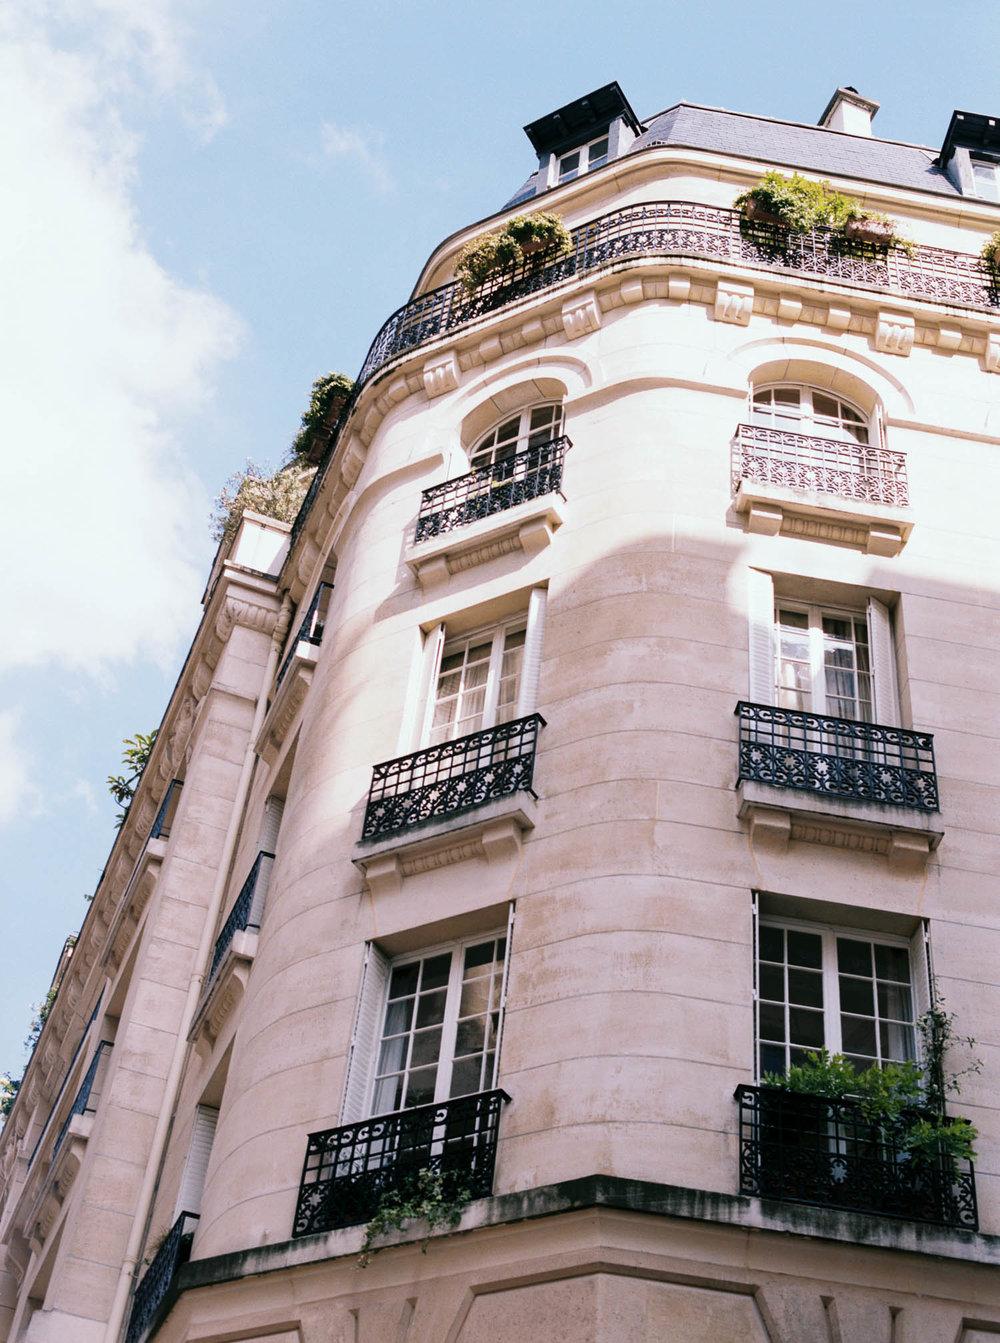 Alyssa Joy Photography - Paris, France travel photographer